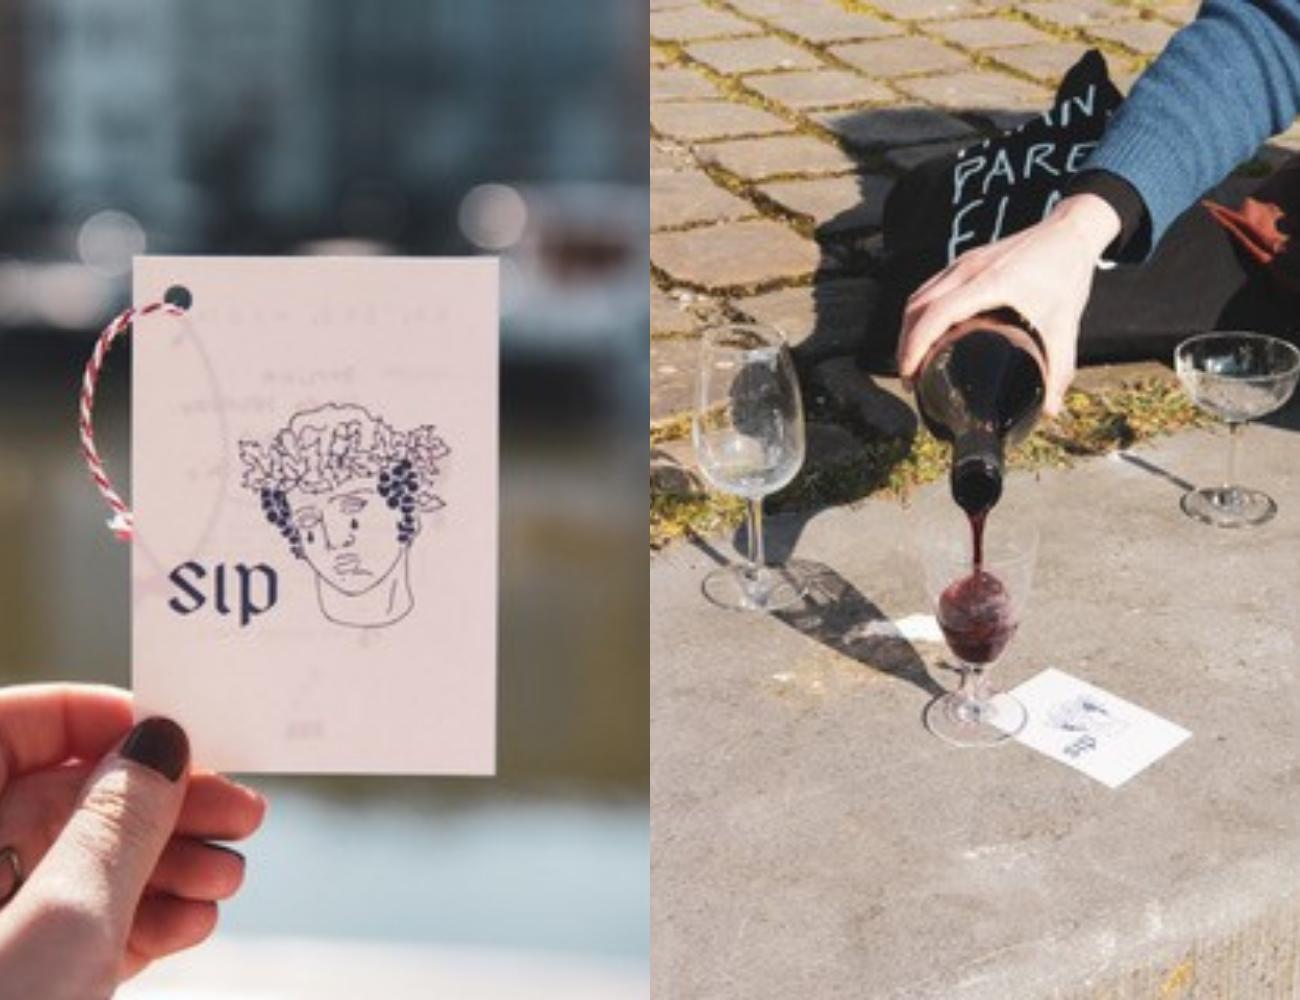 'Ik, jij, wij(n)' wil ik twee vreemden samenbrengen onder het genot van een lekkere fles wijn